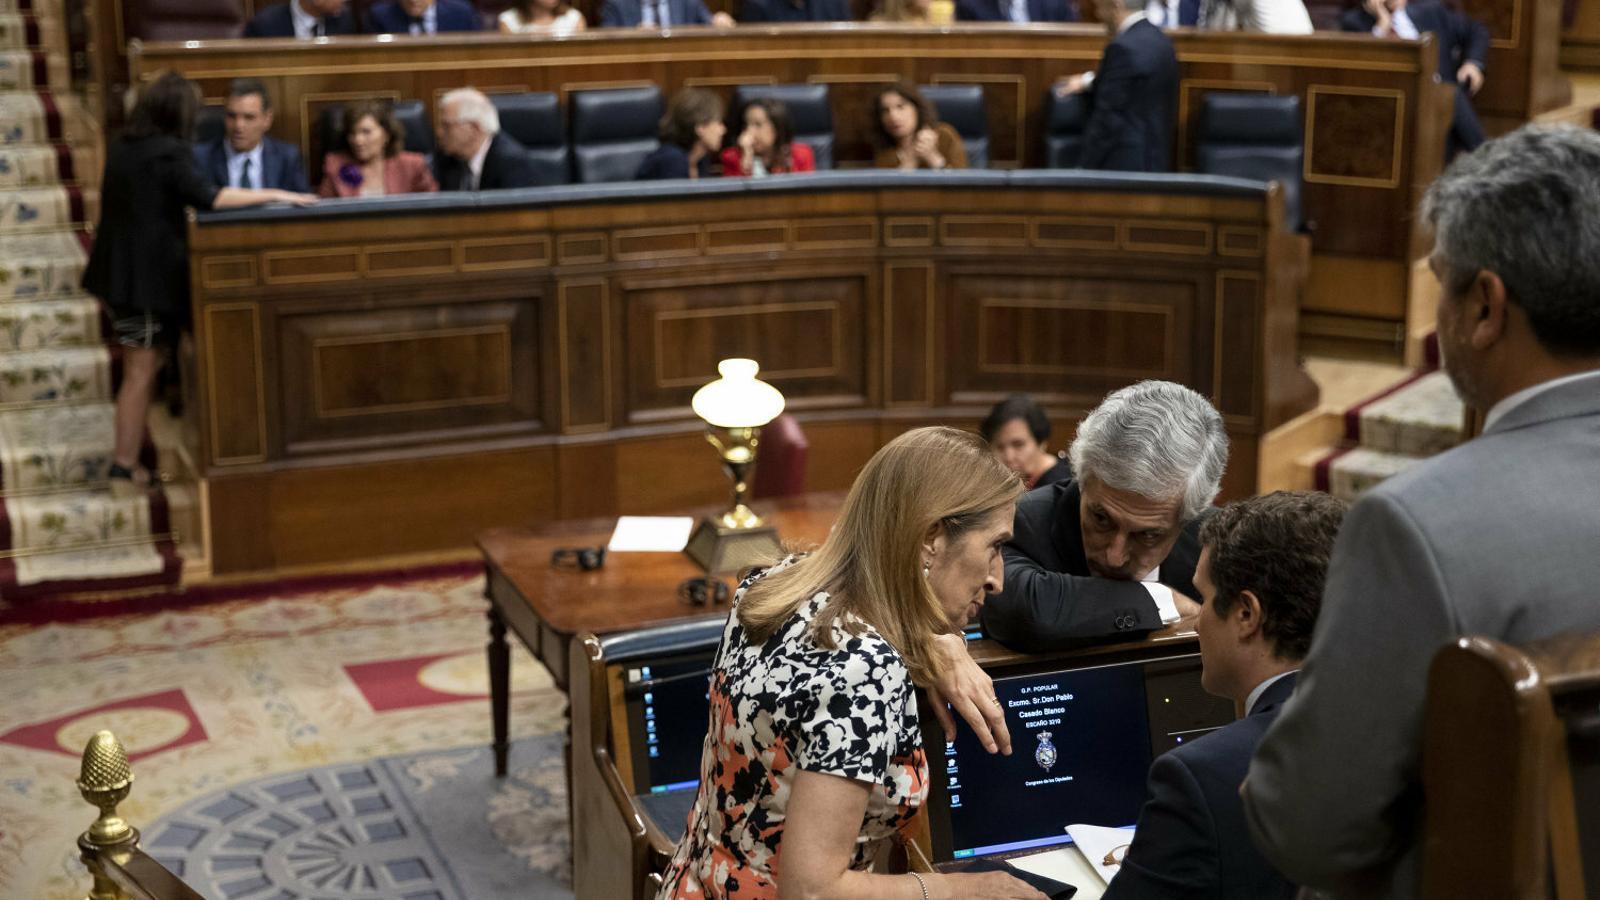 Ana Pastor, Suárez Illana i Casado parlant al Congrés. Al fons, Sánchez amb Lastra.